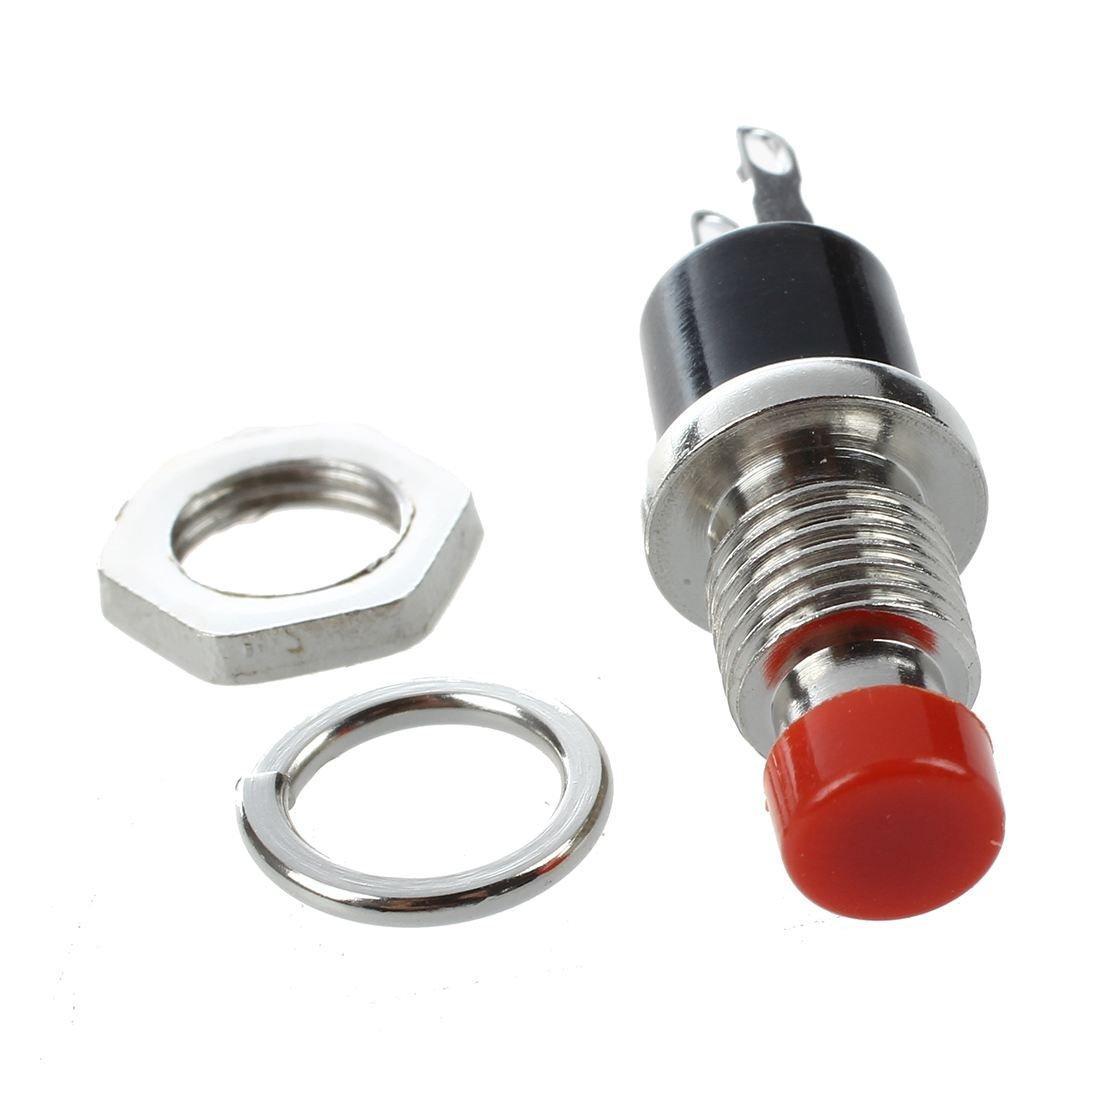 10Pcs Casquette rouge SPST Momentanee Mini interrupteur a bouton-poussoir DC 50V 0.3A SODIAL R